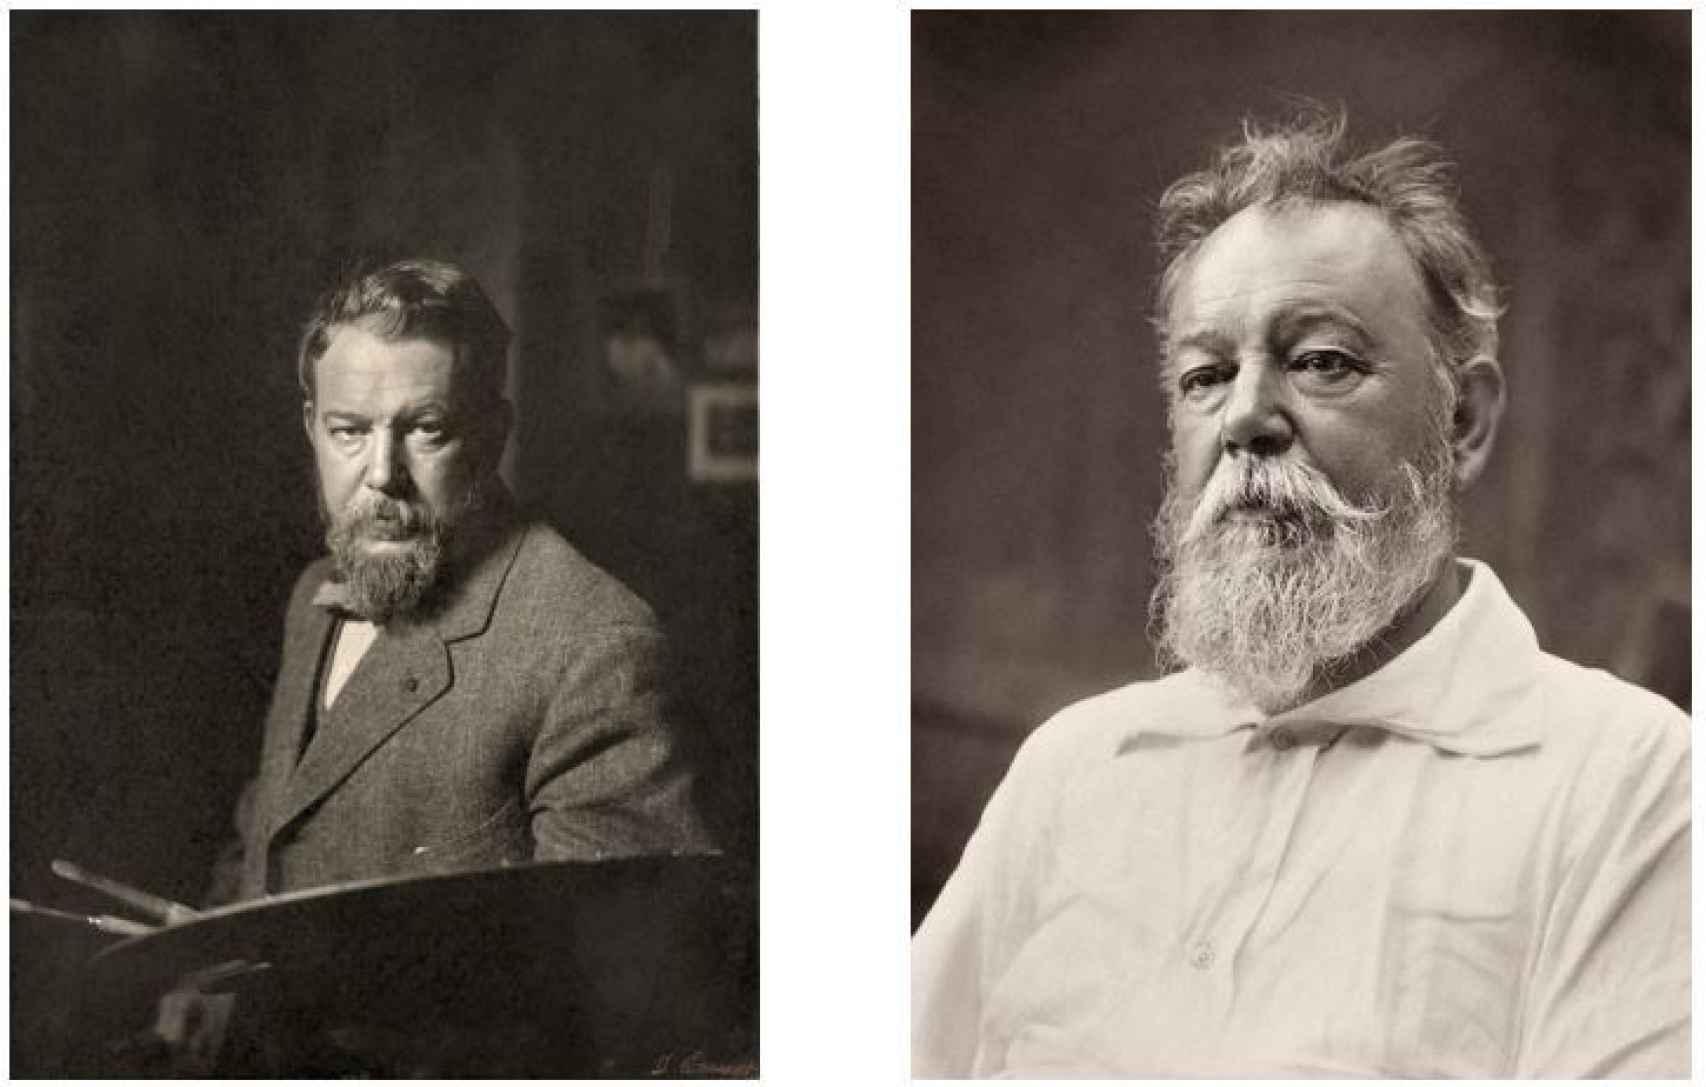 Sorolla retratado en 1909 y 1919.